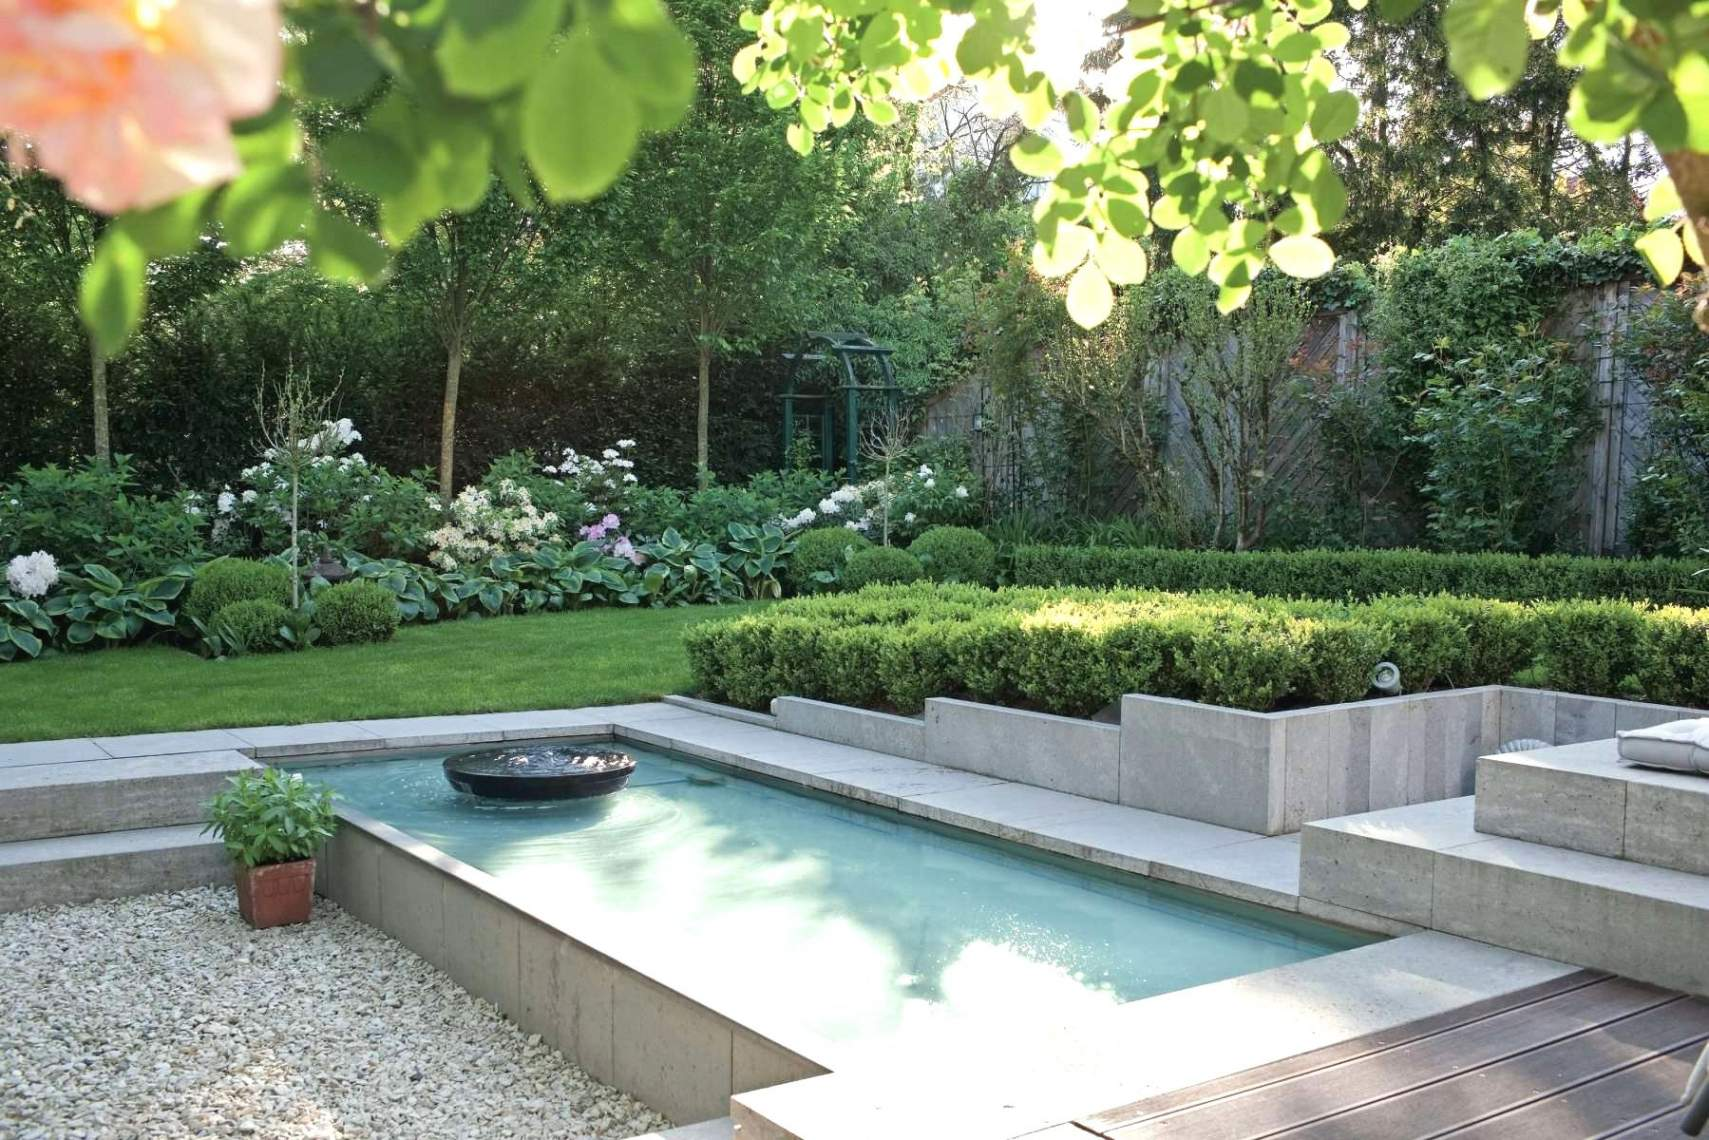 balkon mit blumen gestalten inspirierend formaler reihenhausgarten garten gestalten ideen garten gestalten ideen